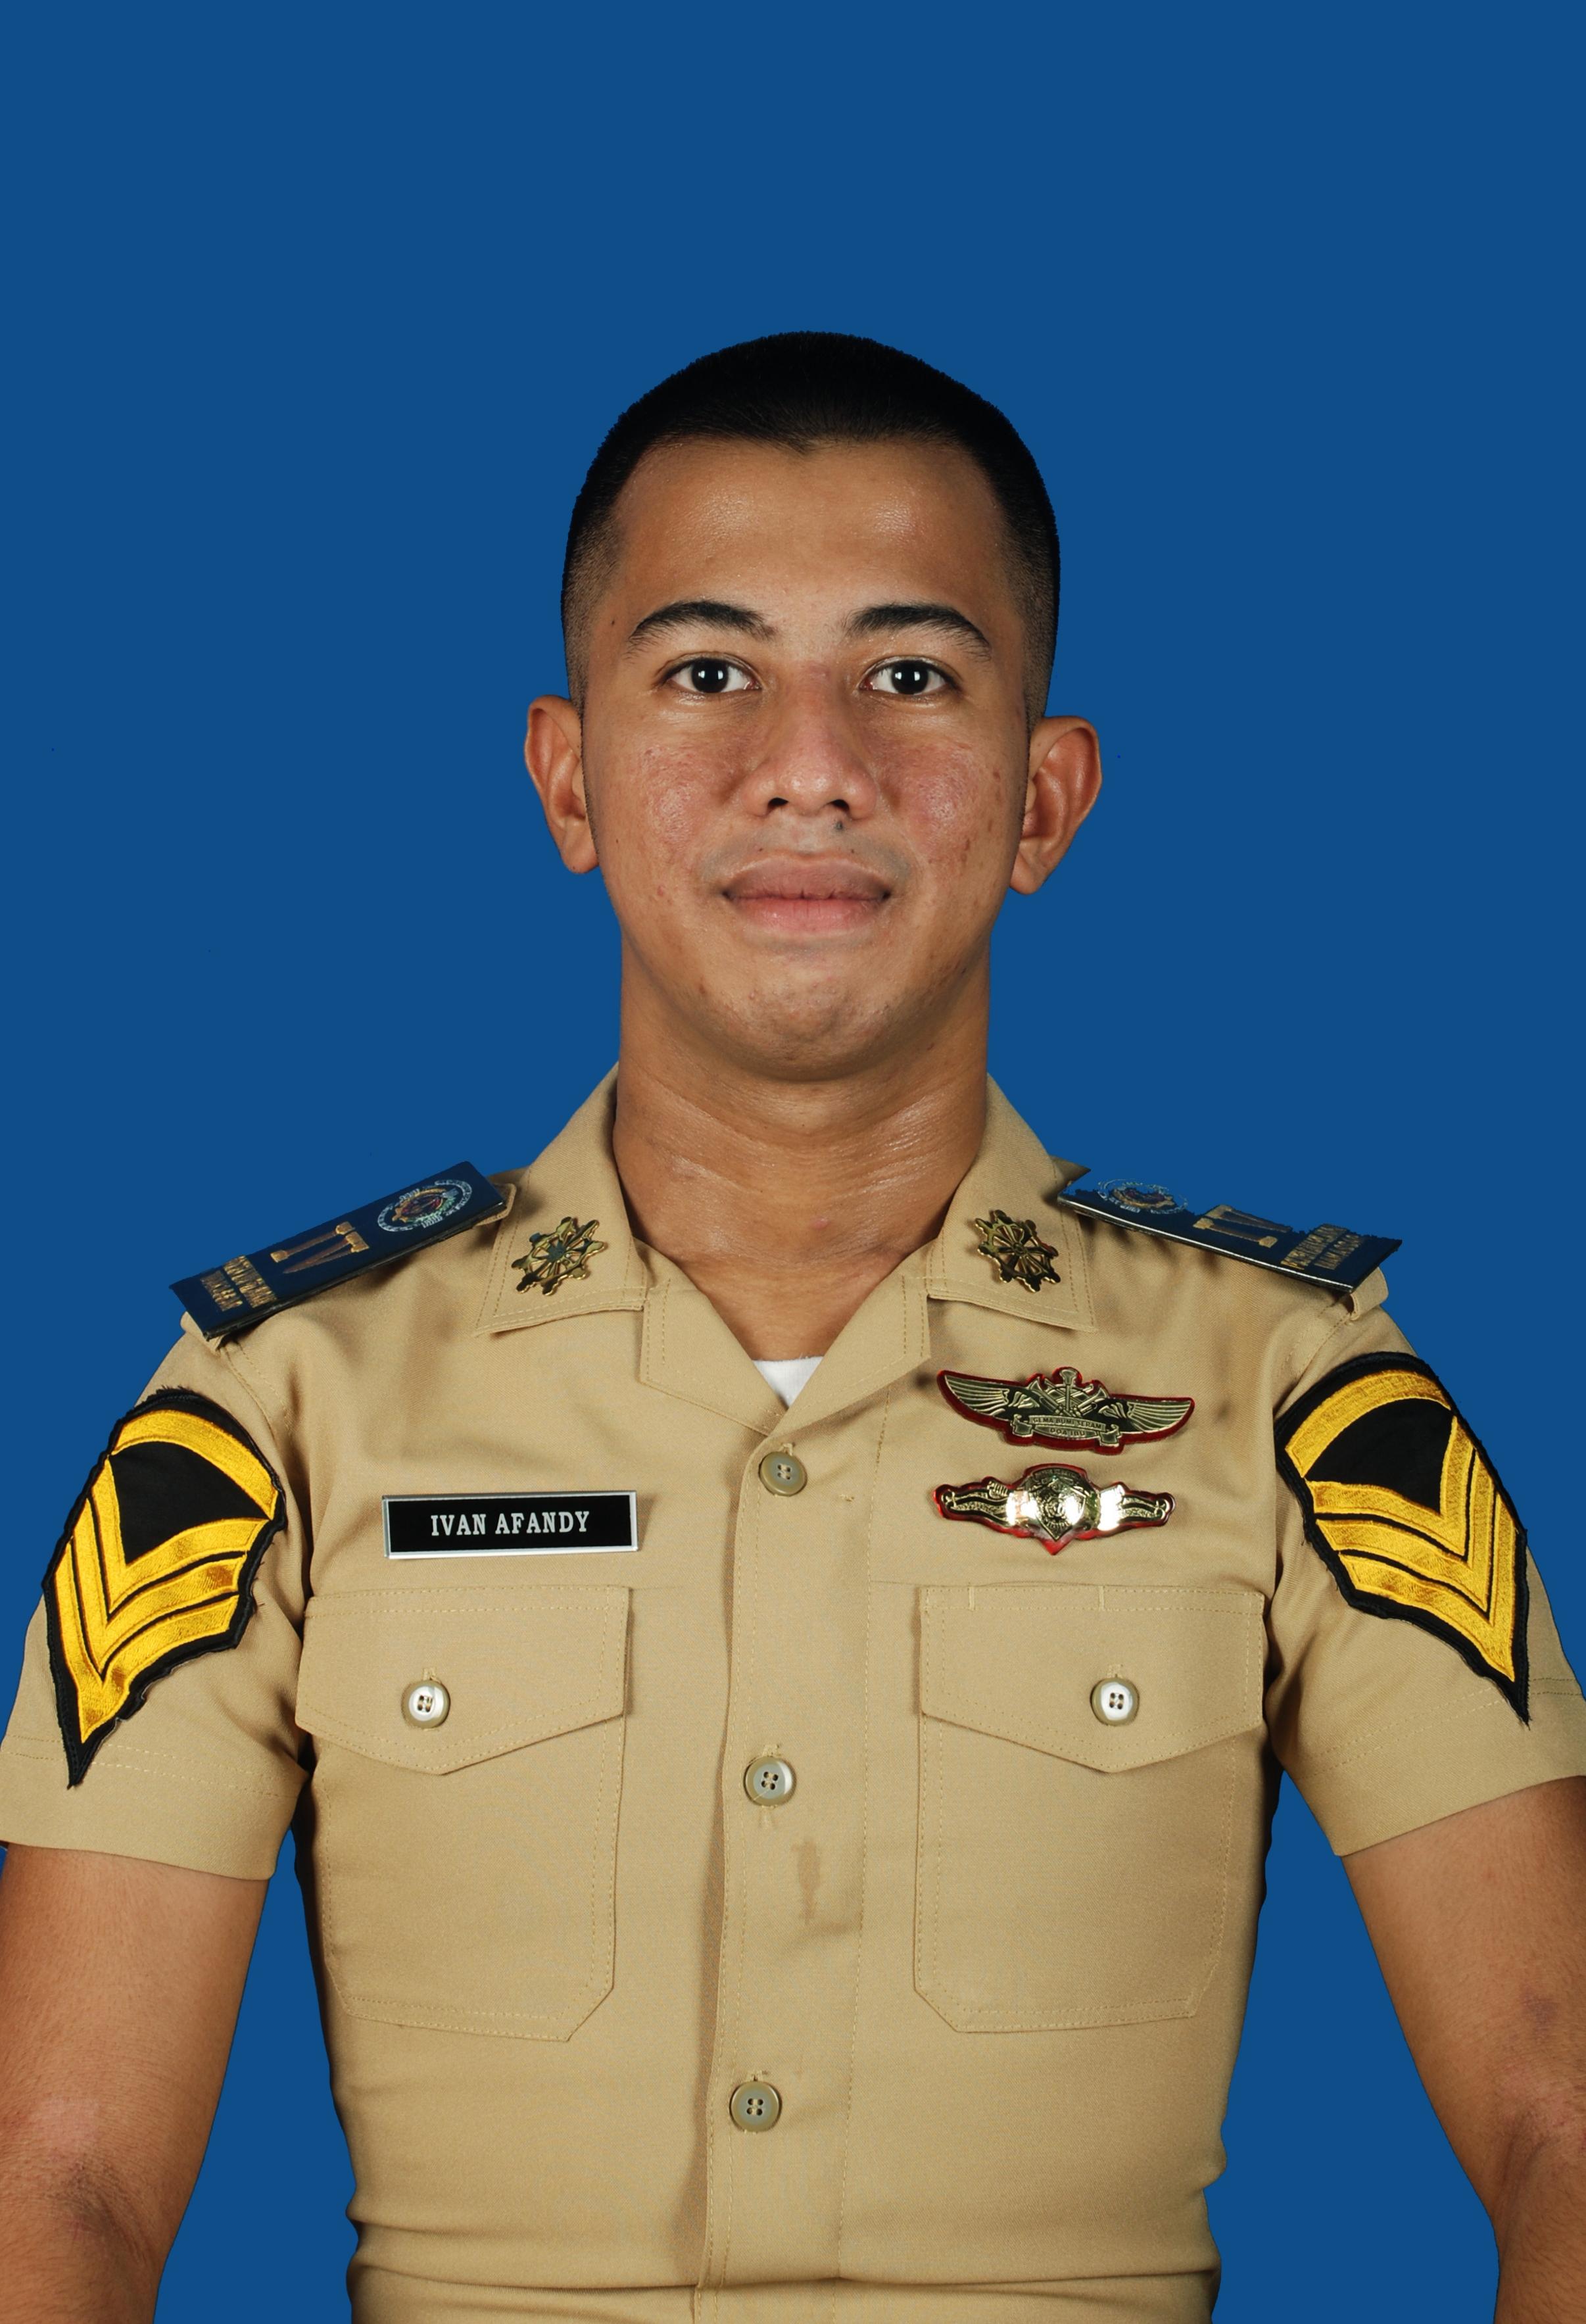 IVAN AFANDY seafarer Deck Cadet (Trainee) Bulk Carrier